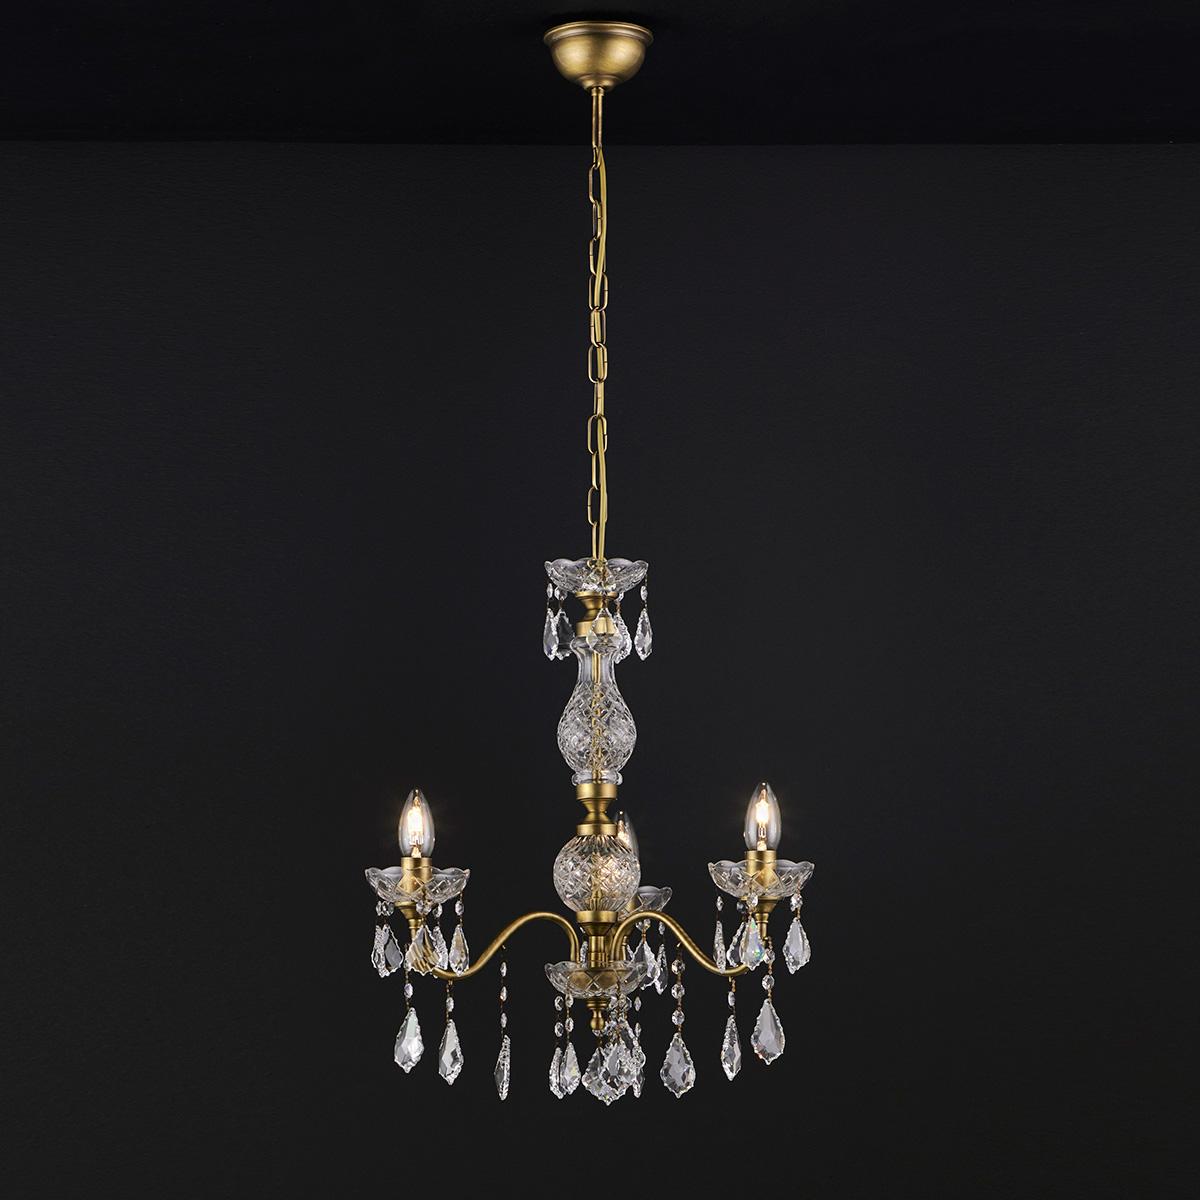 Κλασικό 3φωτο κρεμαστό φωτιστικό ΔΙΟΝ classic 3-bulb chandelier DION